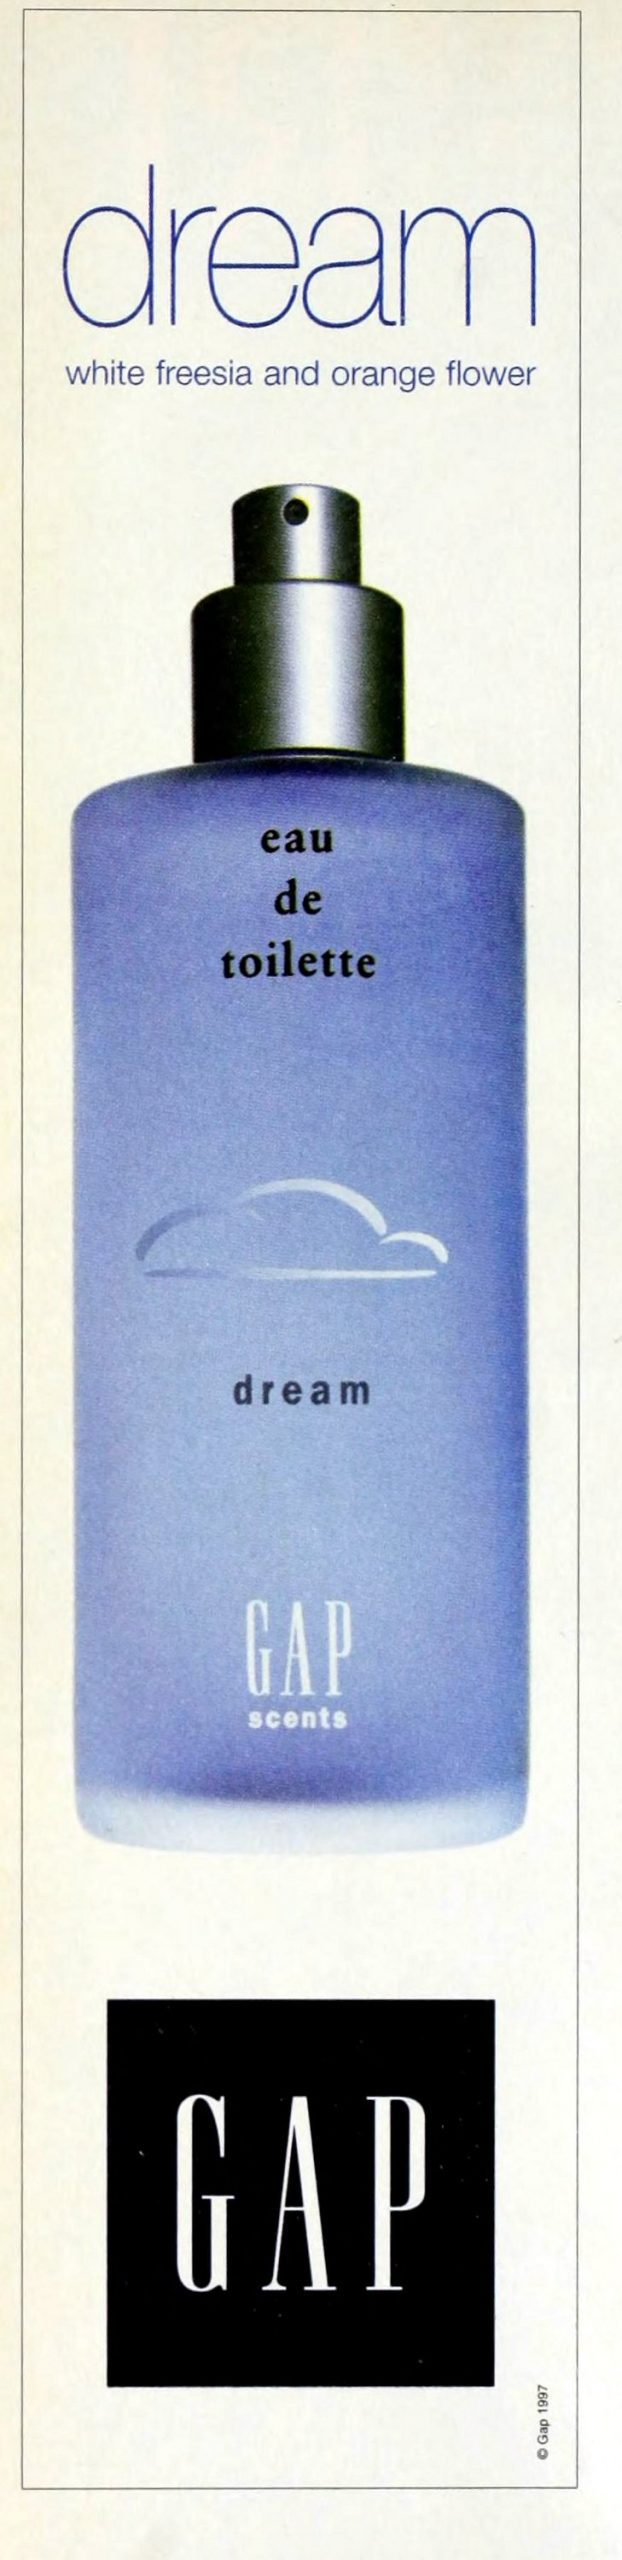 Dream eau de toilette from Gap (1995) at ClickAmericana com